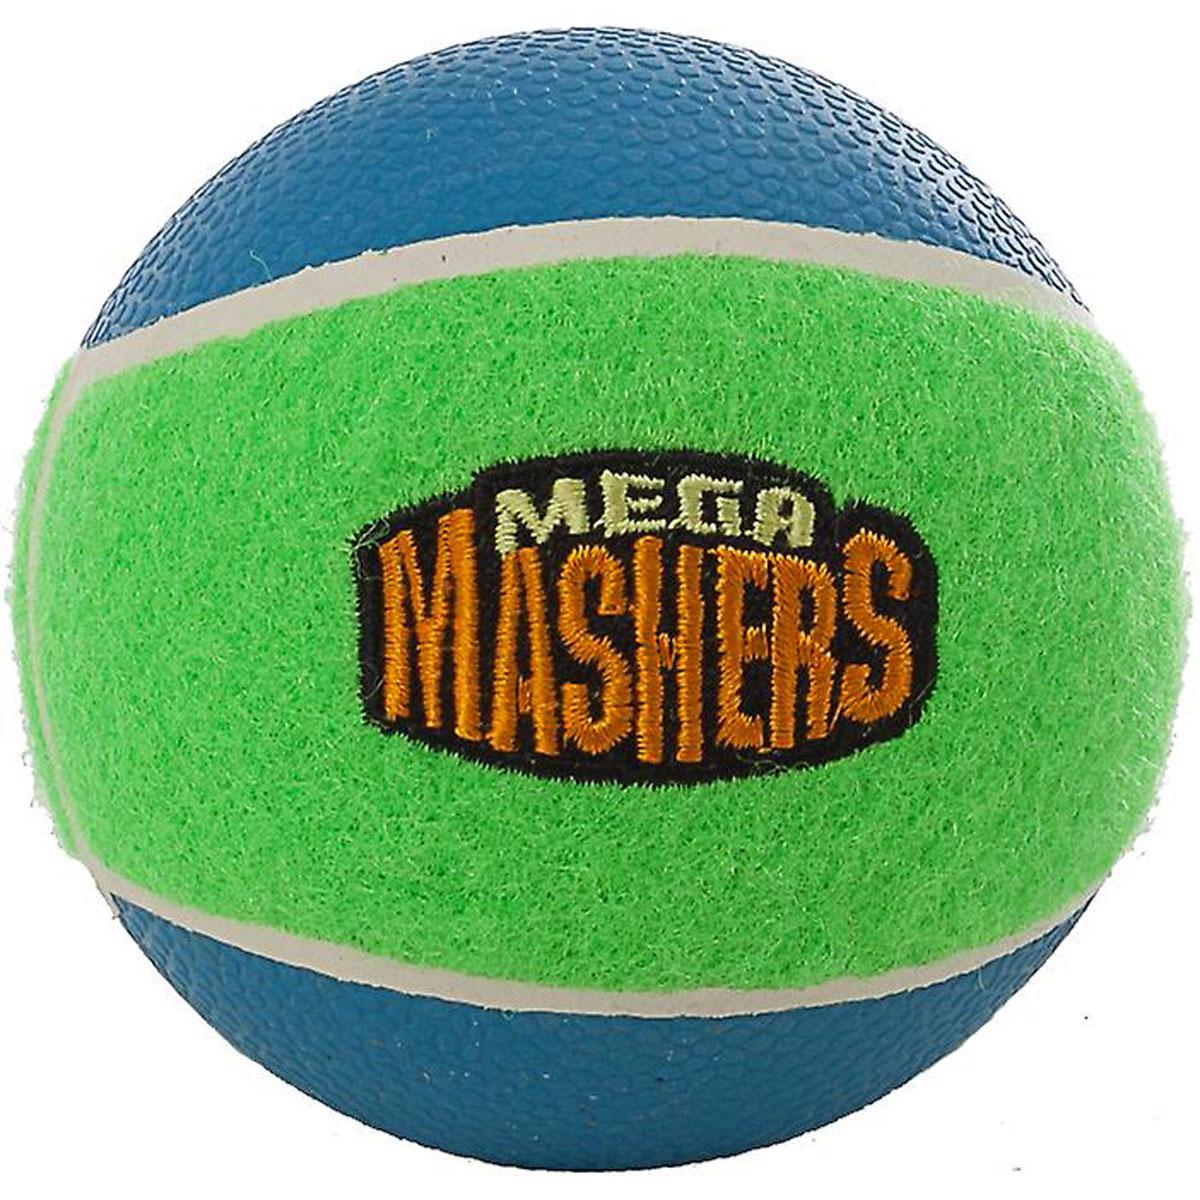 Игрушка для собак Mega Mashers Мячик, диаметр 8 см16413/430270Игрушка для собак Mega Mashers Мячик выполнена из специальной усиленнойвспененной резины, т.е. игрушка не полая, а литая и в то же время очень гибкая иупругая. Покрыта синтетическим фетром. Игрушка оформлена в стиле теннисногомячика. Она порадует вашего любимца, а вам доставит массу приятных эмоций,ведь наблюдать за игрой всегда интересно и приятно. Даже оставшись водиночестве, ваша собака будет увлеченно играть в эту игрушку.Диаметр: 8 см.